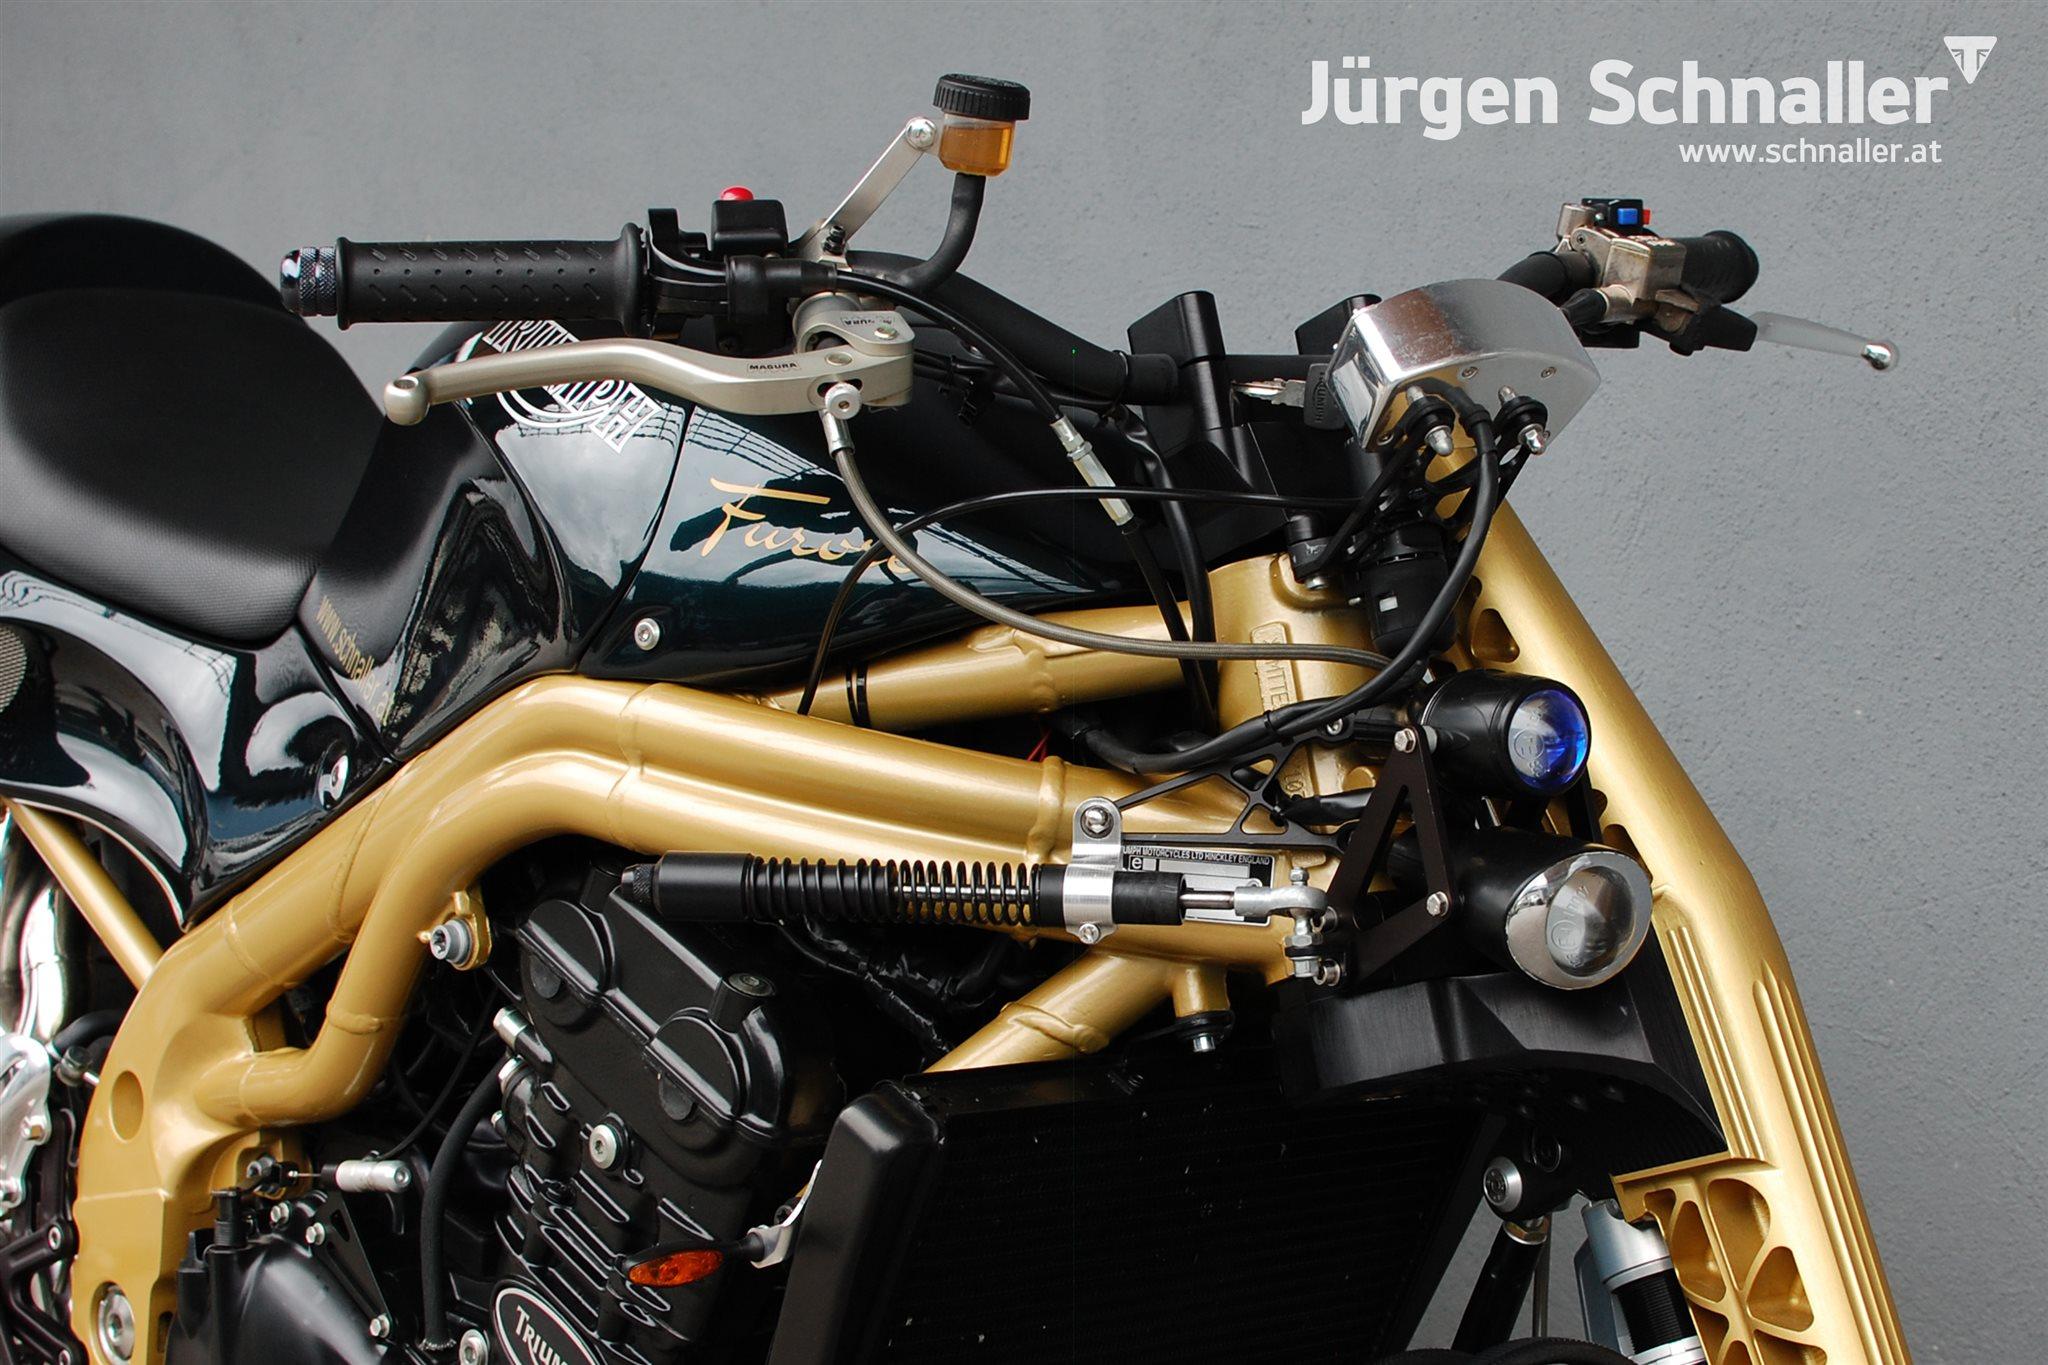 umgebautes motorrad triumph speed triple 955i von j rgen schnaller. Black Bedroom Furniture Sets. Home Design Ideas